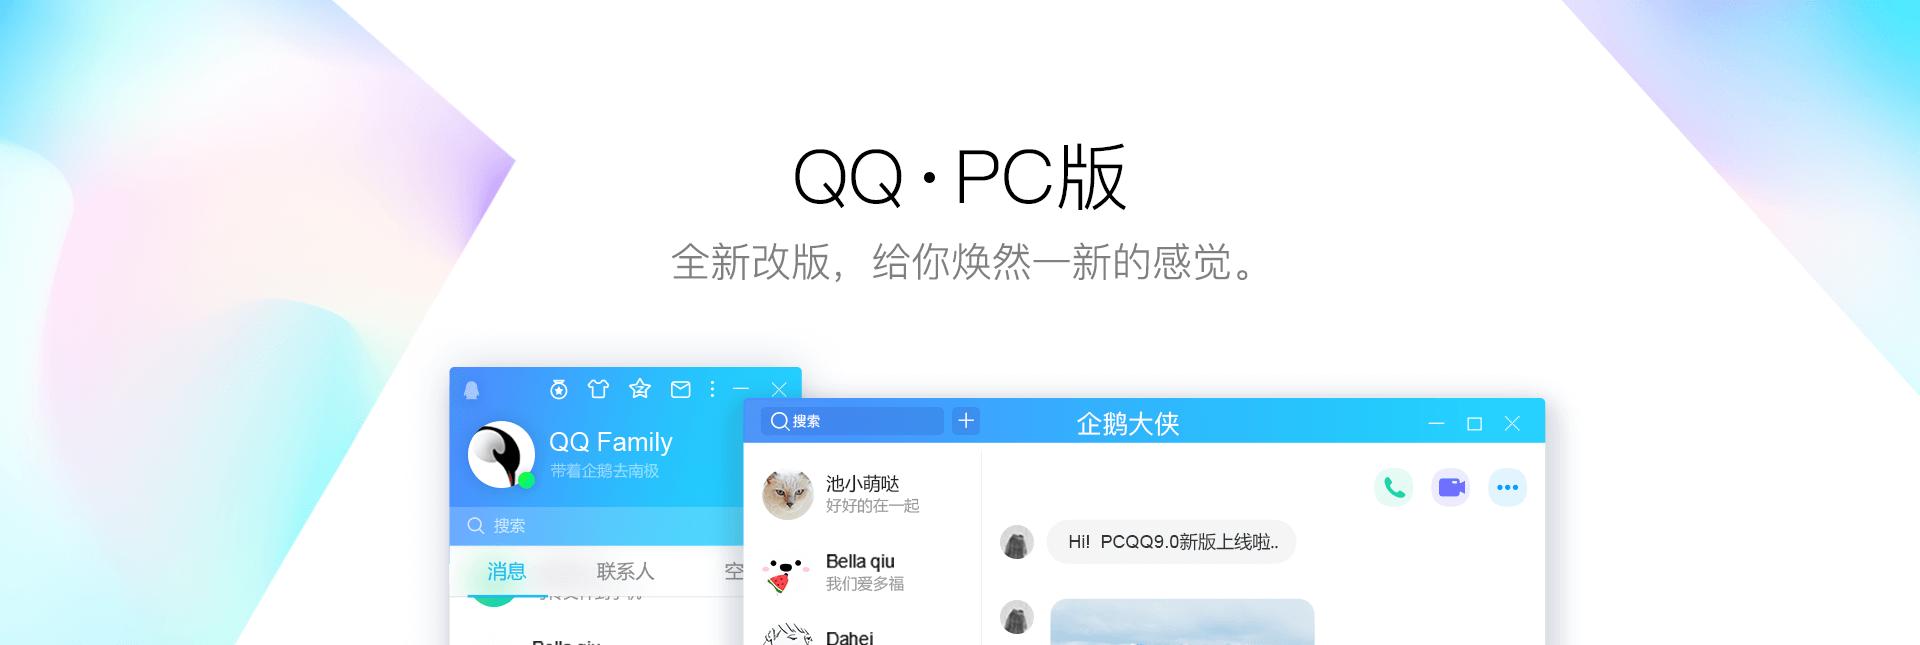 腾讯QQ v9.2.0.26453 纯净安装版